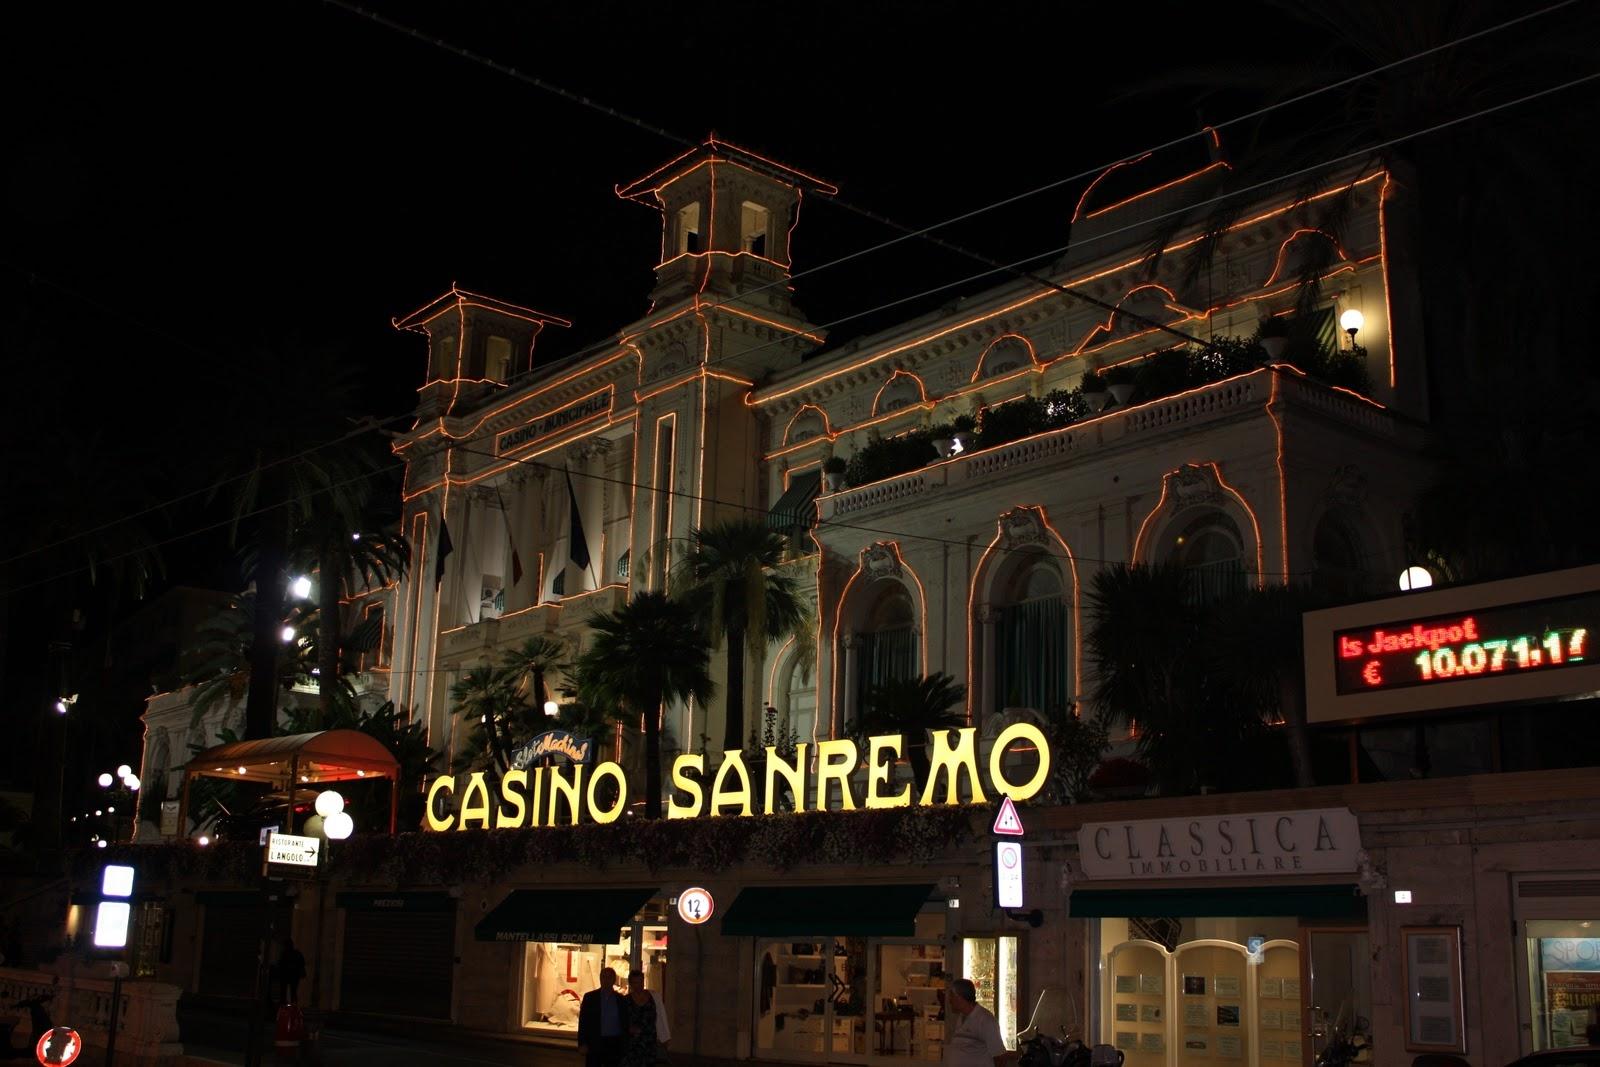 Италия-казино как работает виртуальное казино